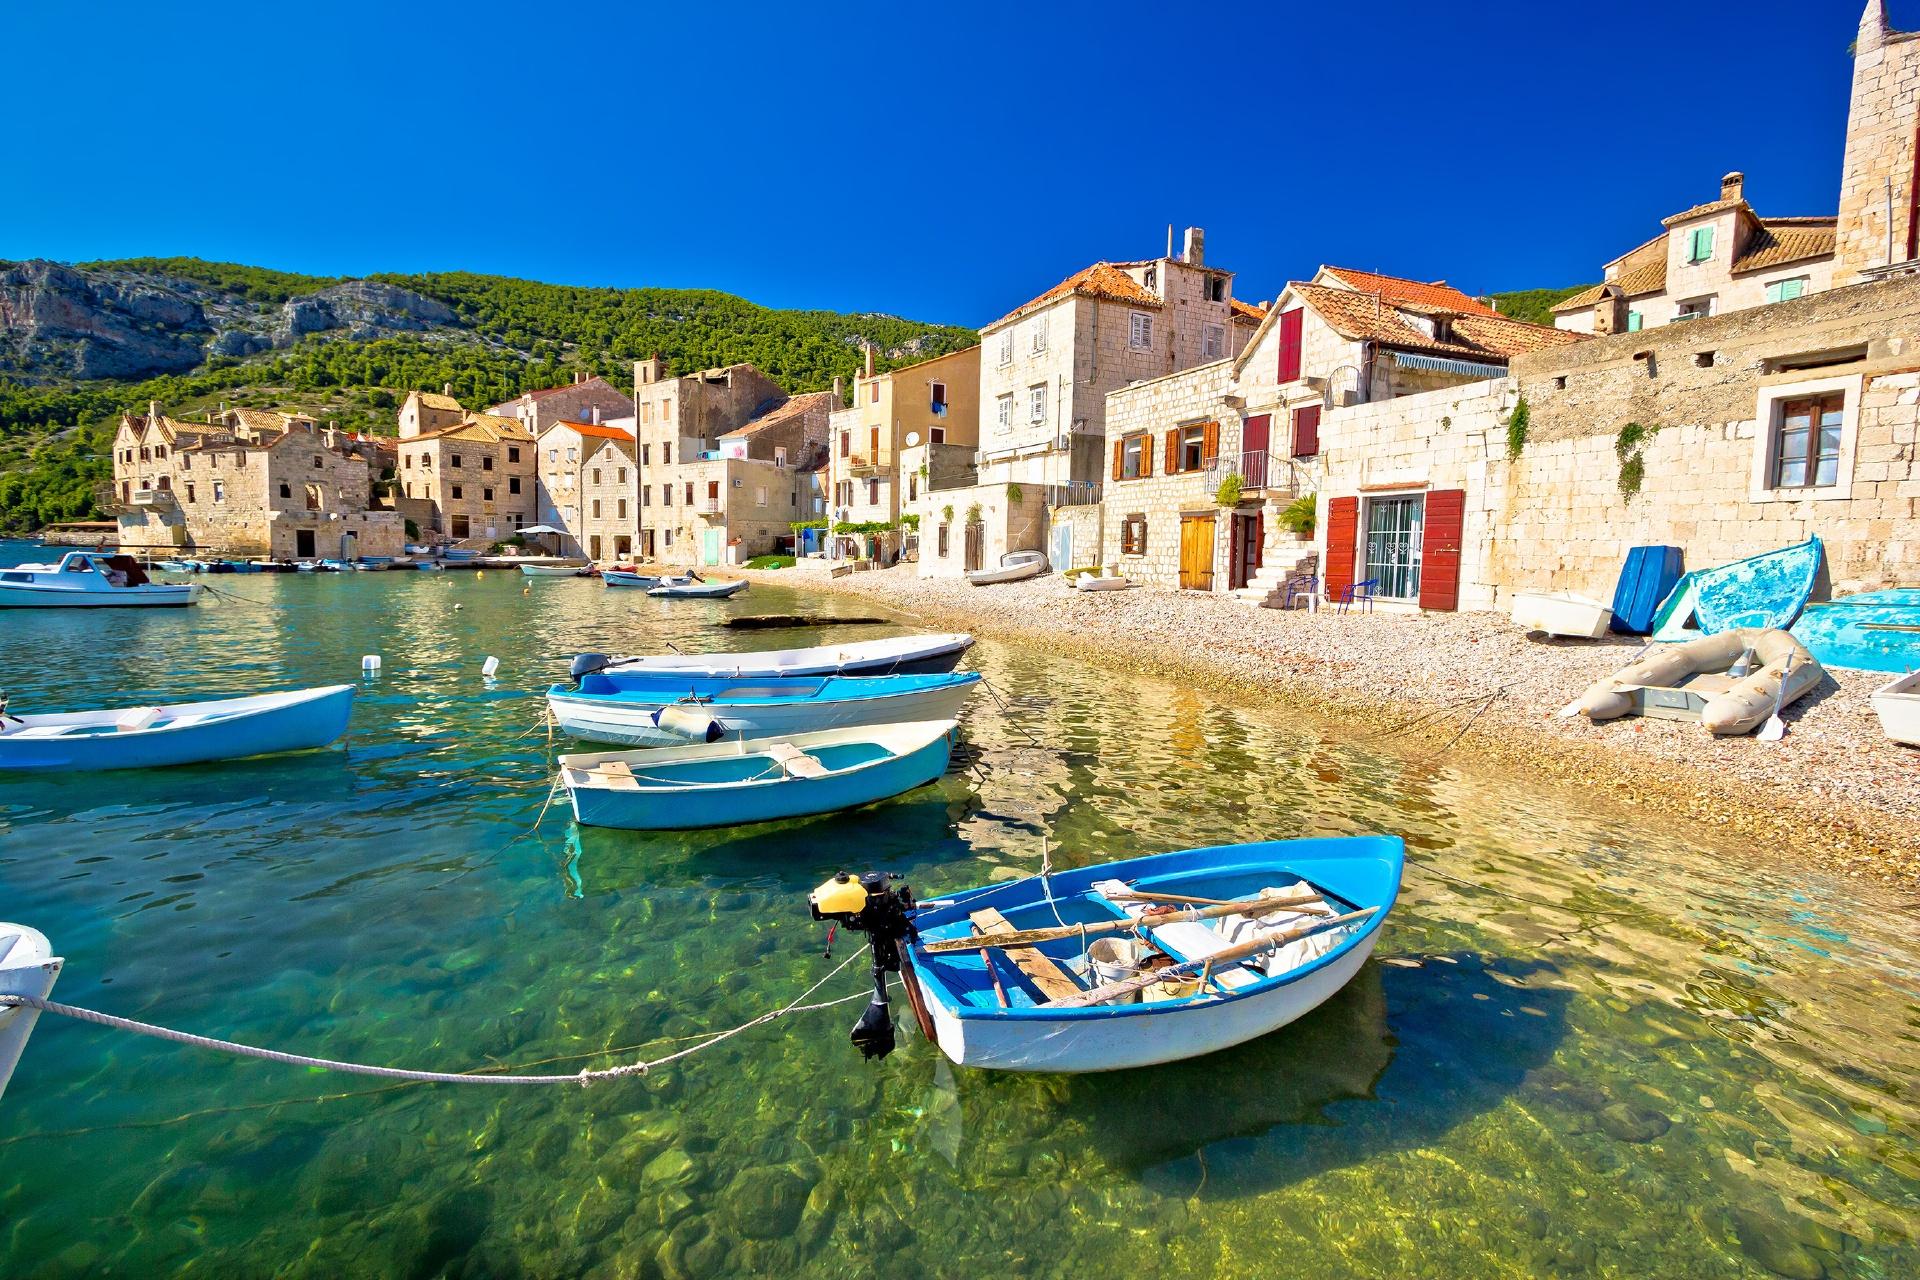 ヴィス島の風景 クロアチアの風景